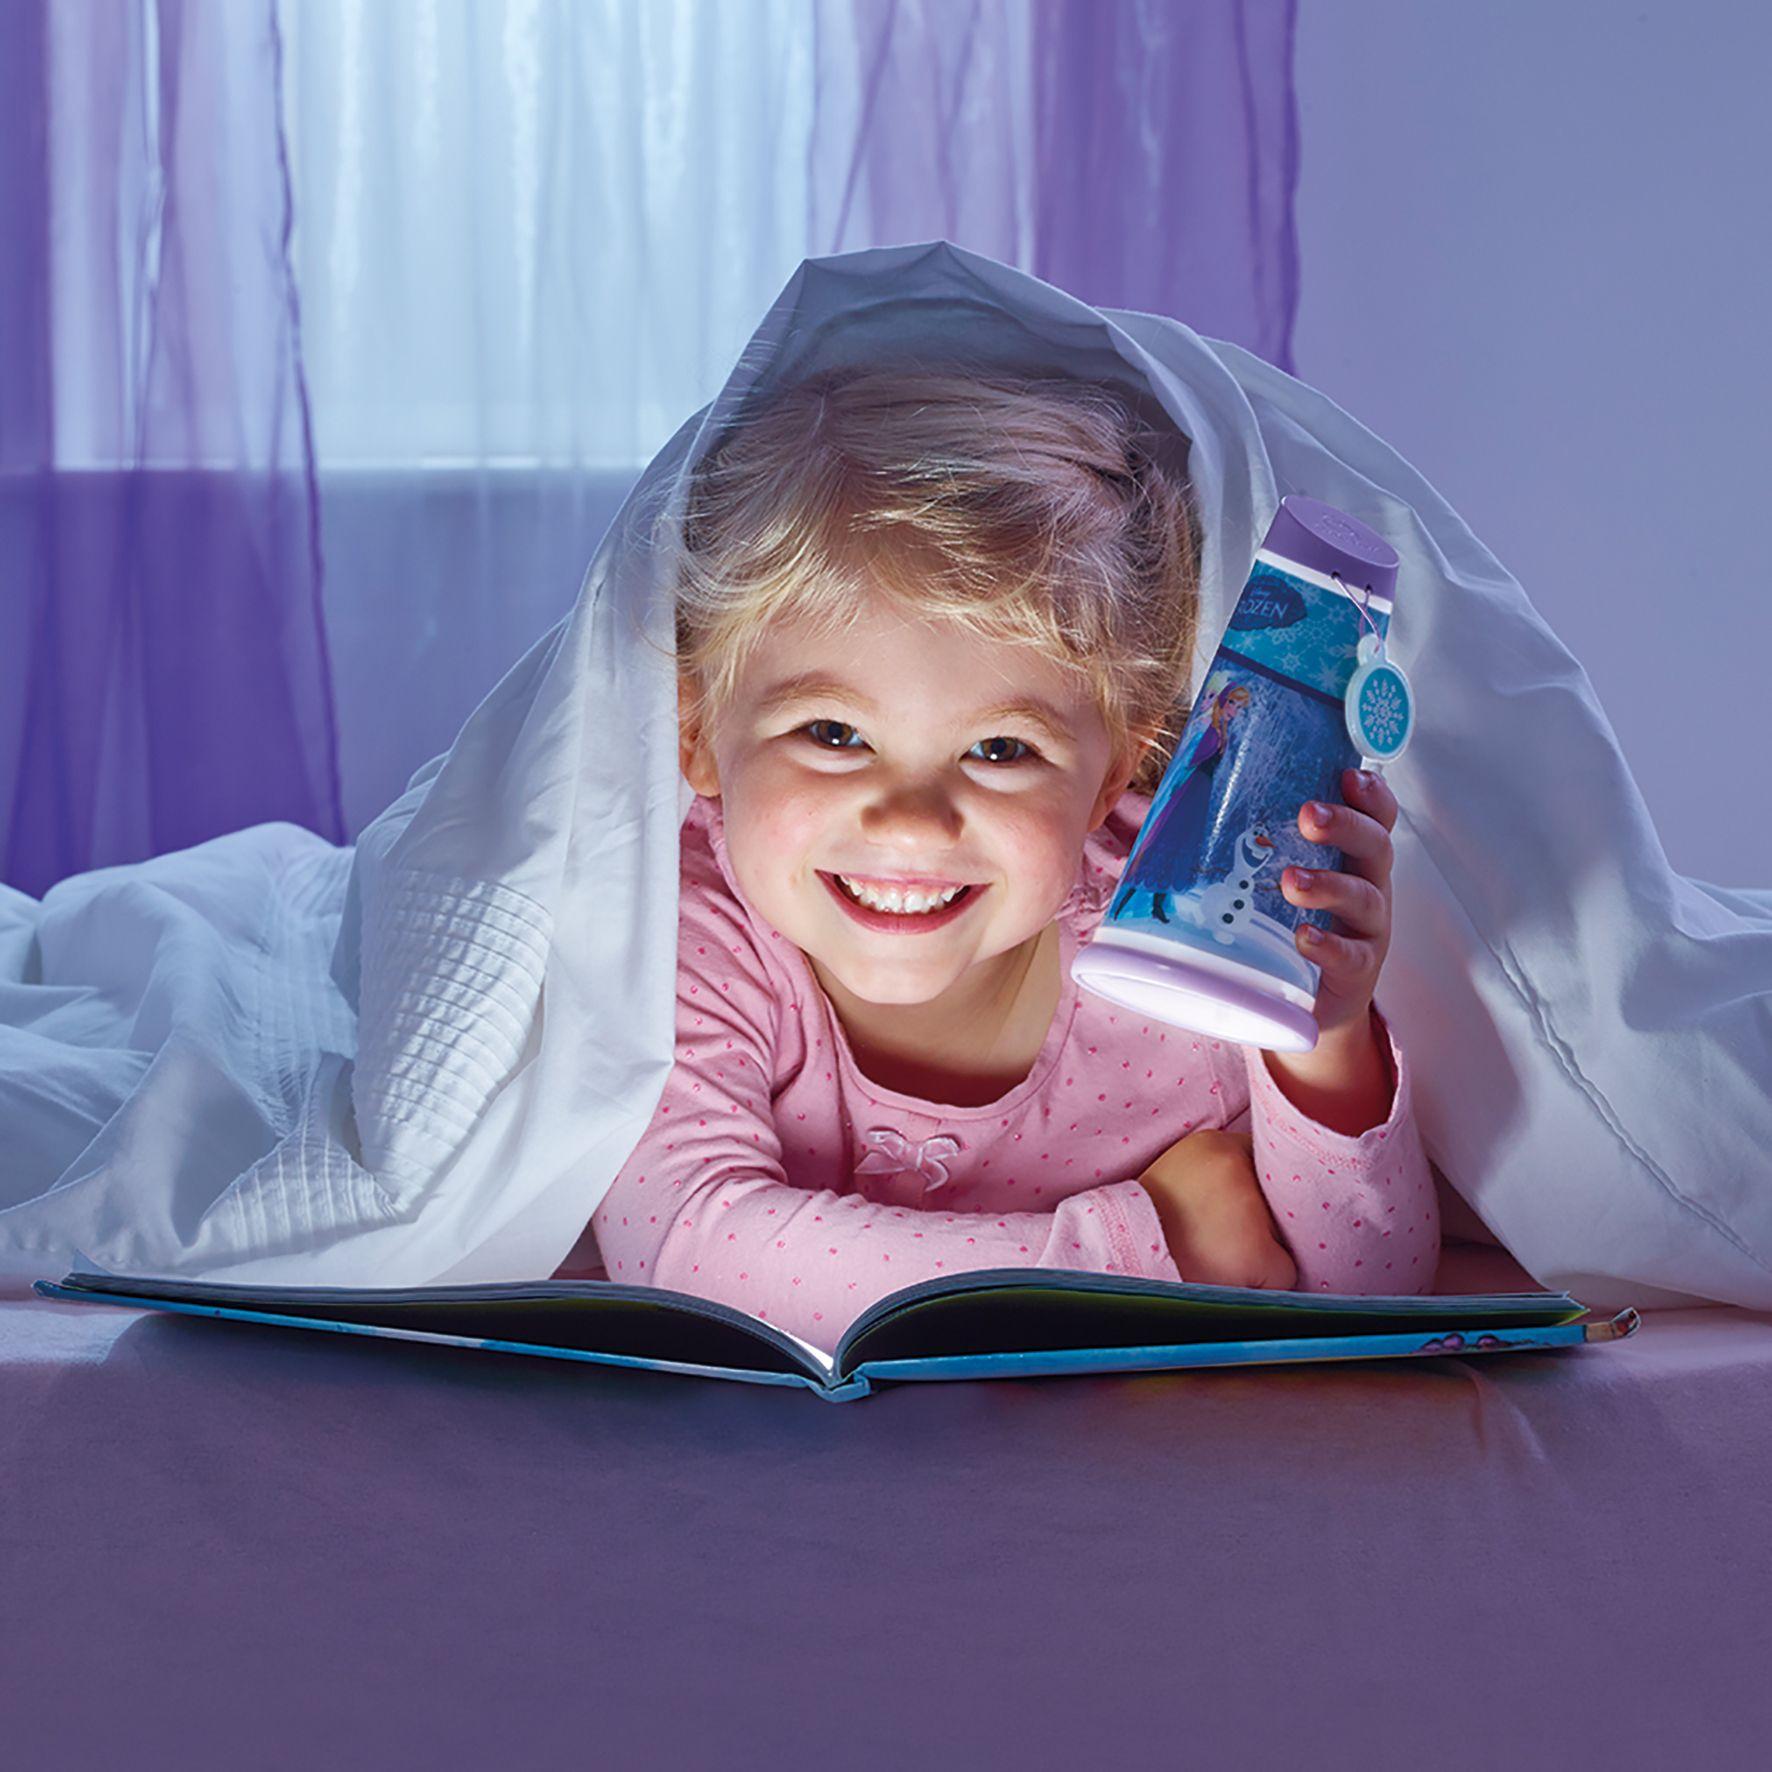 Indexbild 21 - Go Glow Nacht Beam Kipp Torch Beleuchtung Licht Kinder Schlafzimmer